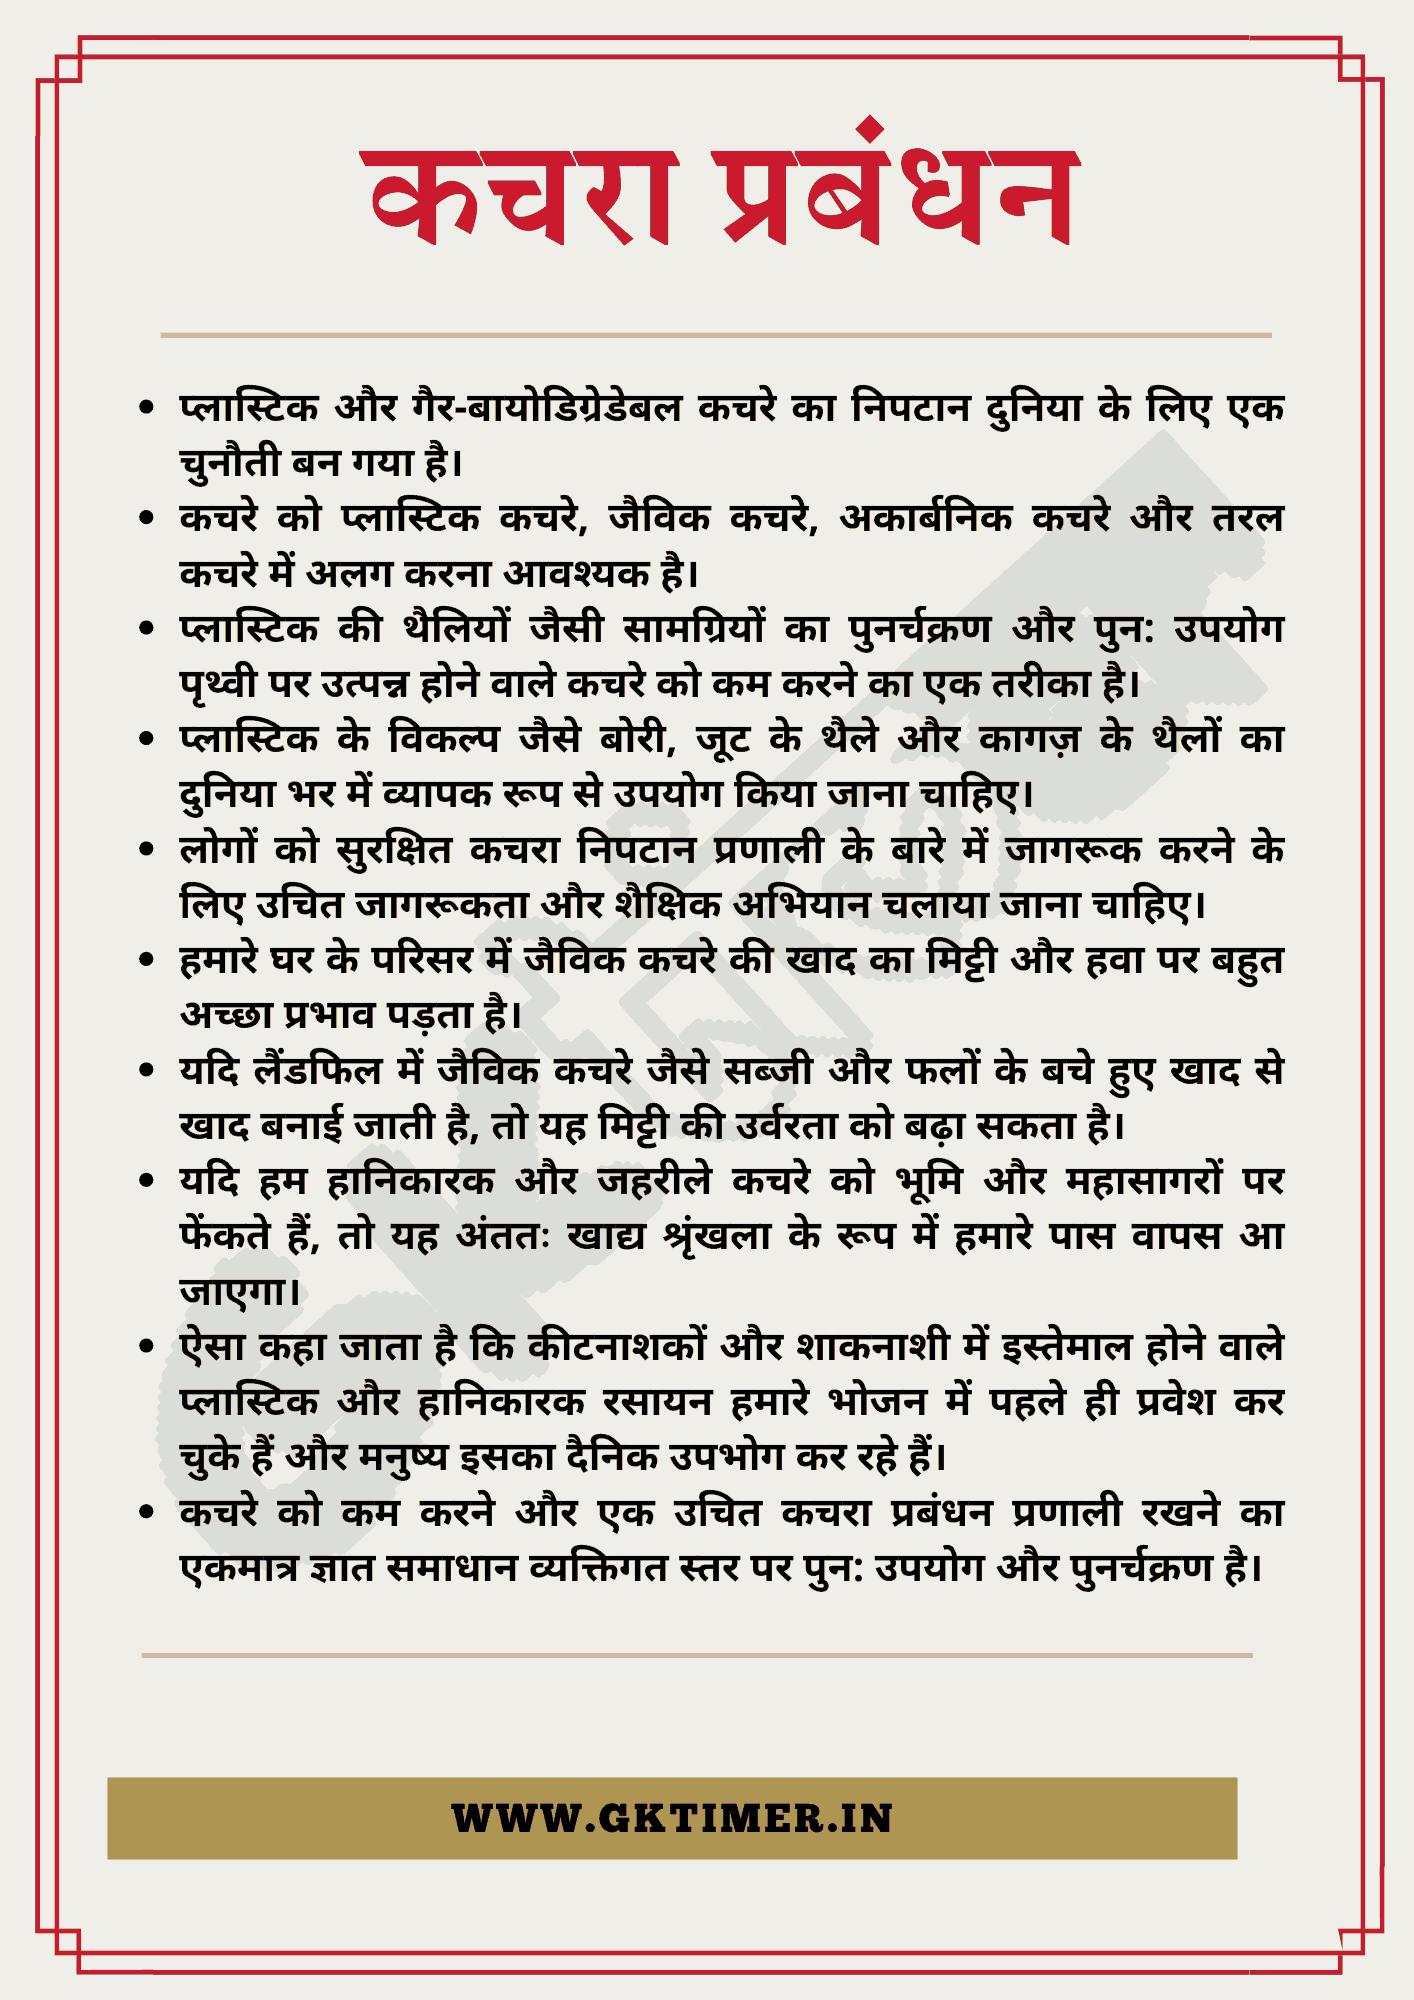 कचरा प्रबंधन पर निबंध   Long and Short Essay on Waste Management in Hindi   10 Lines on Waste Management in Hindi